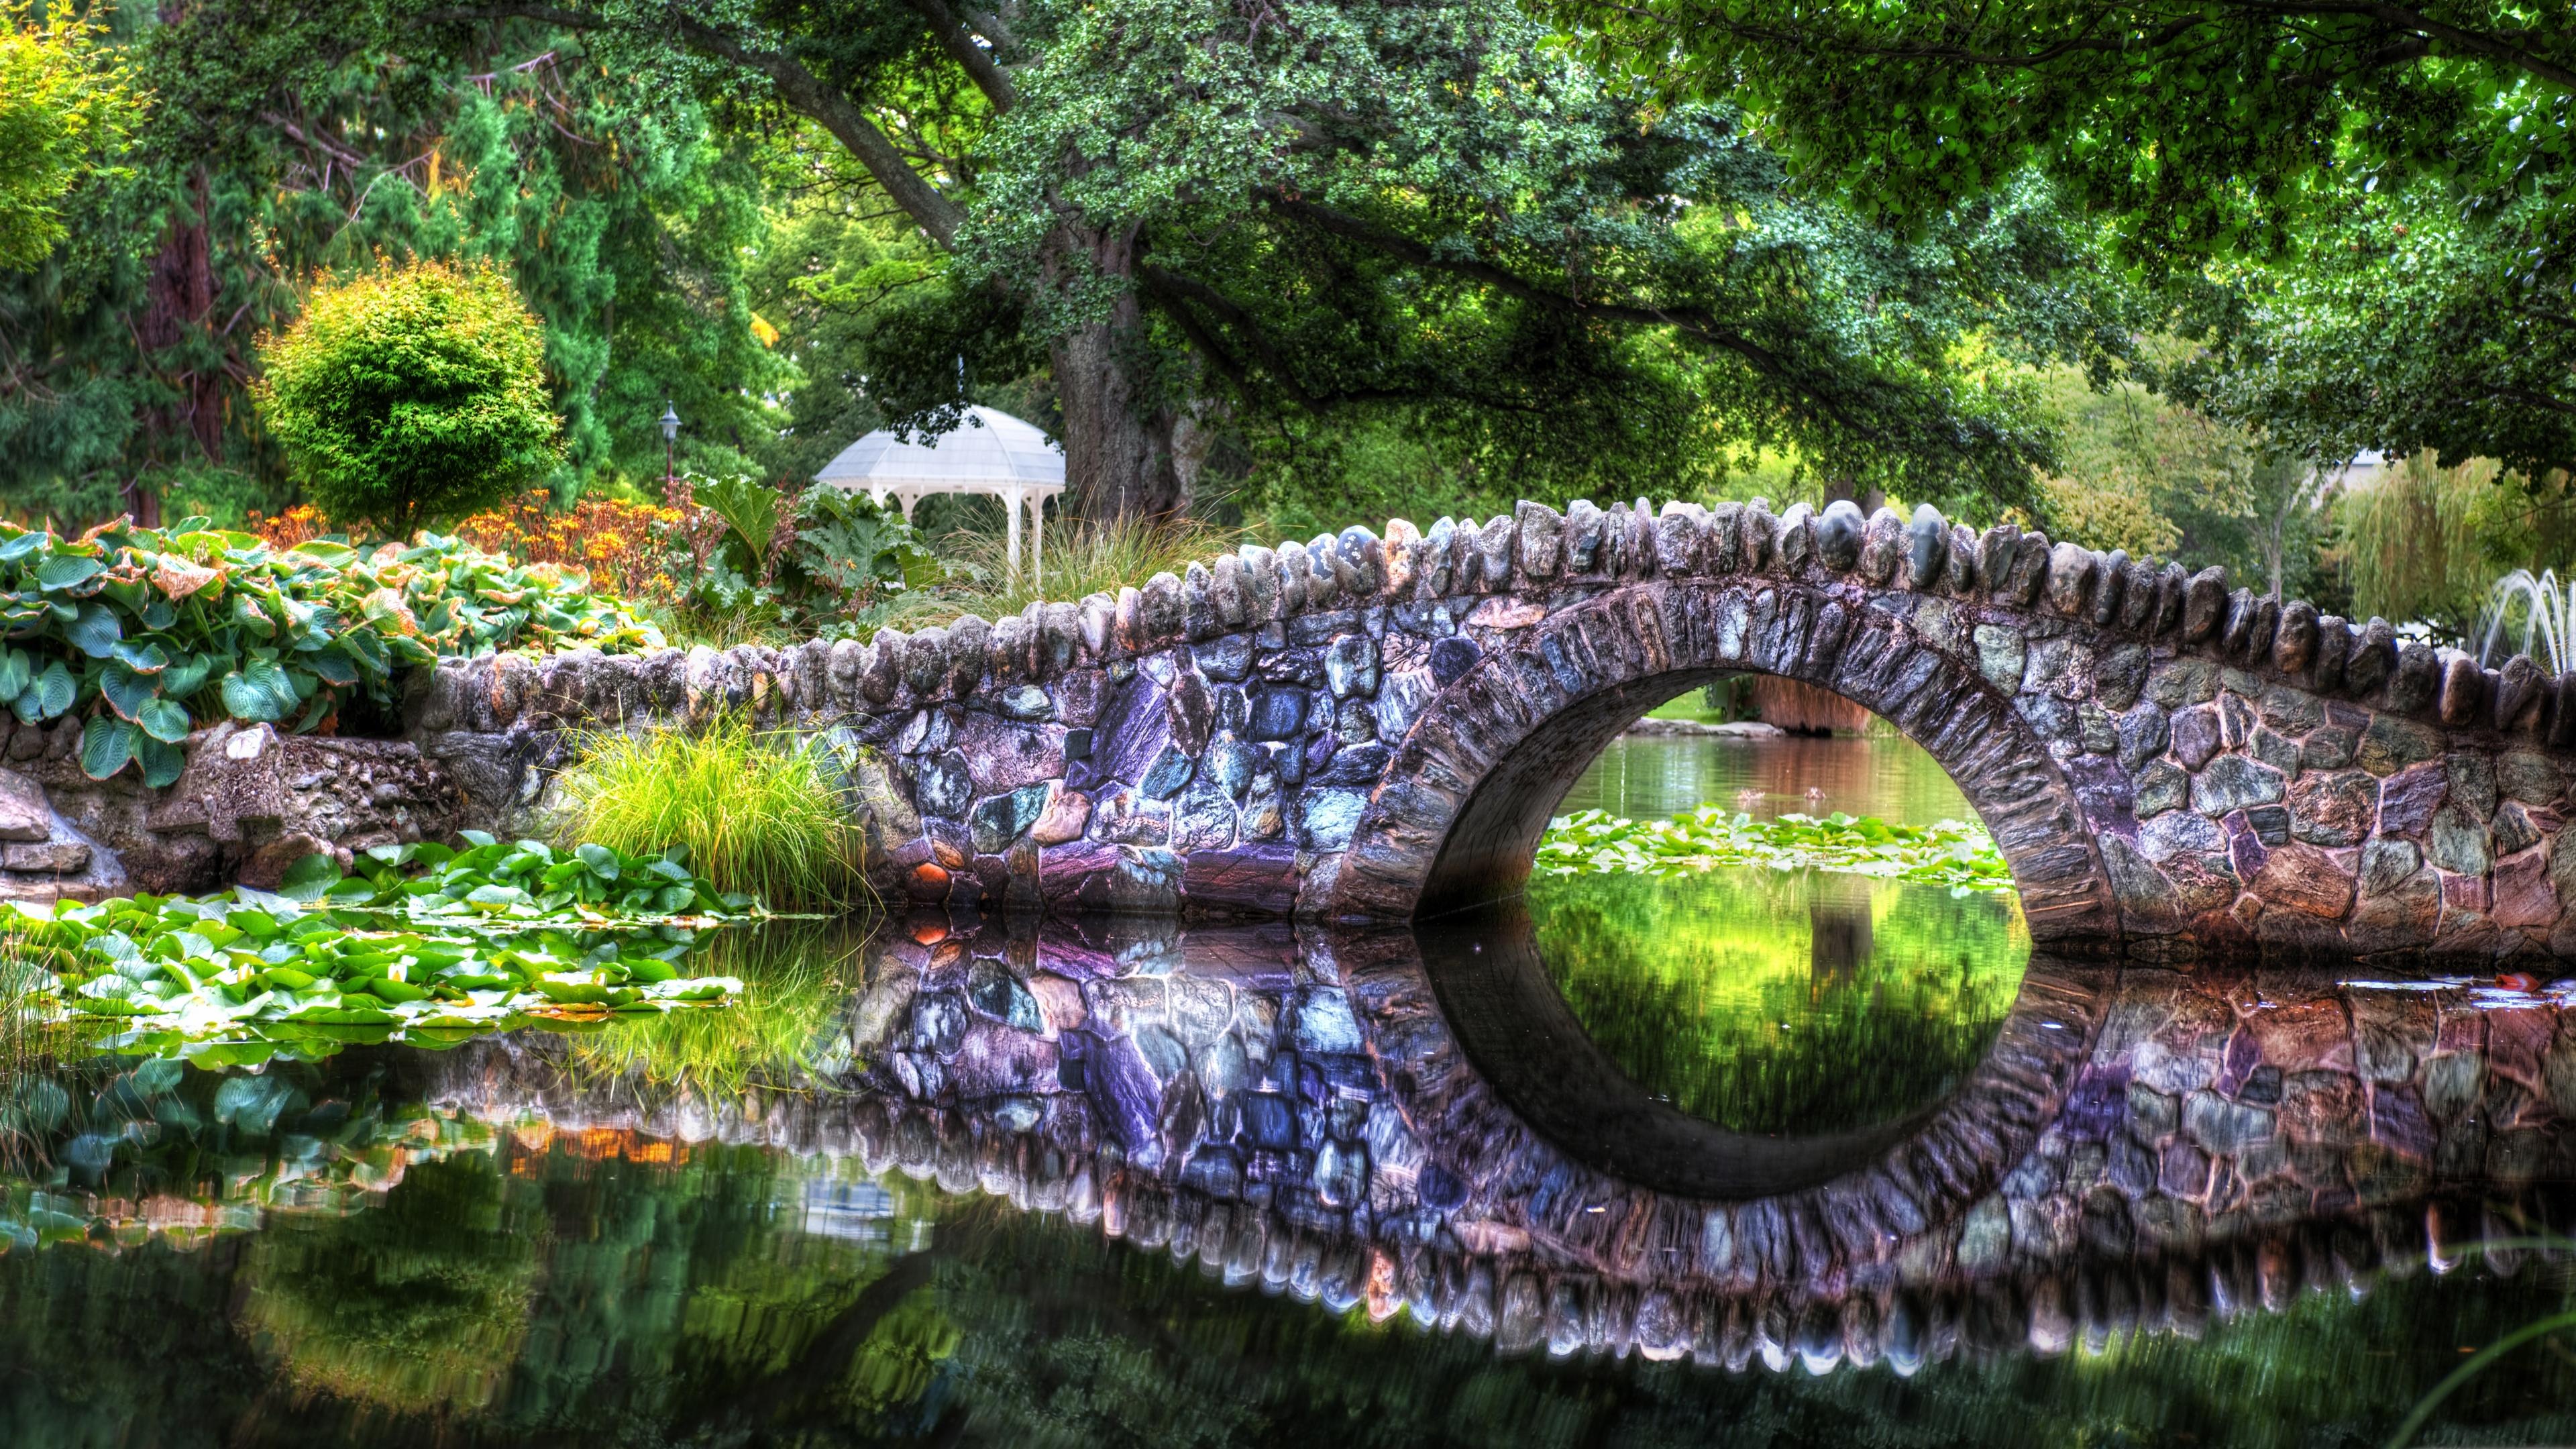 природа камни лес деревья мост река nature stones forest trees the bridge river подборки